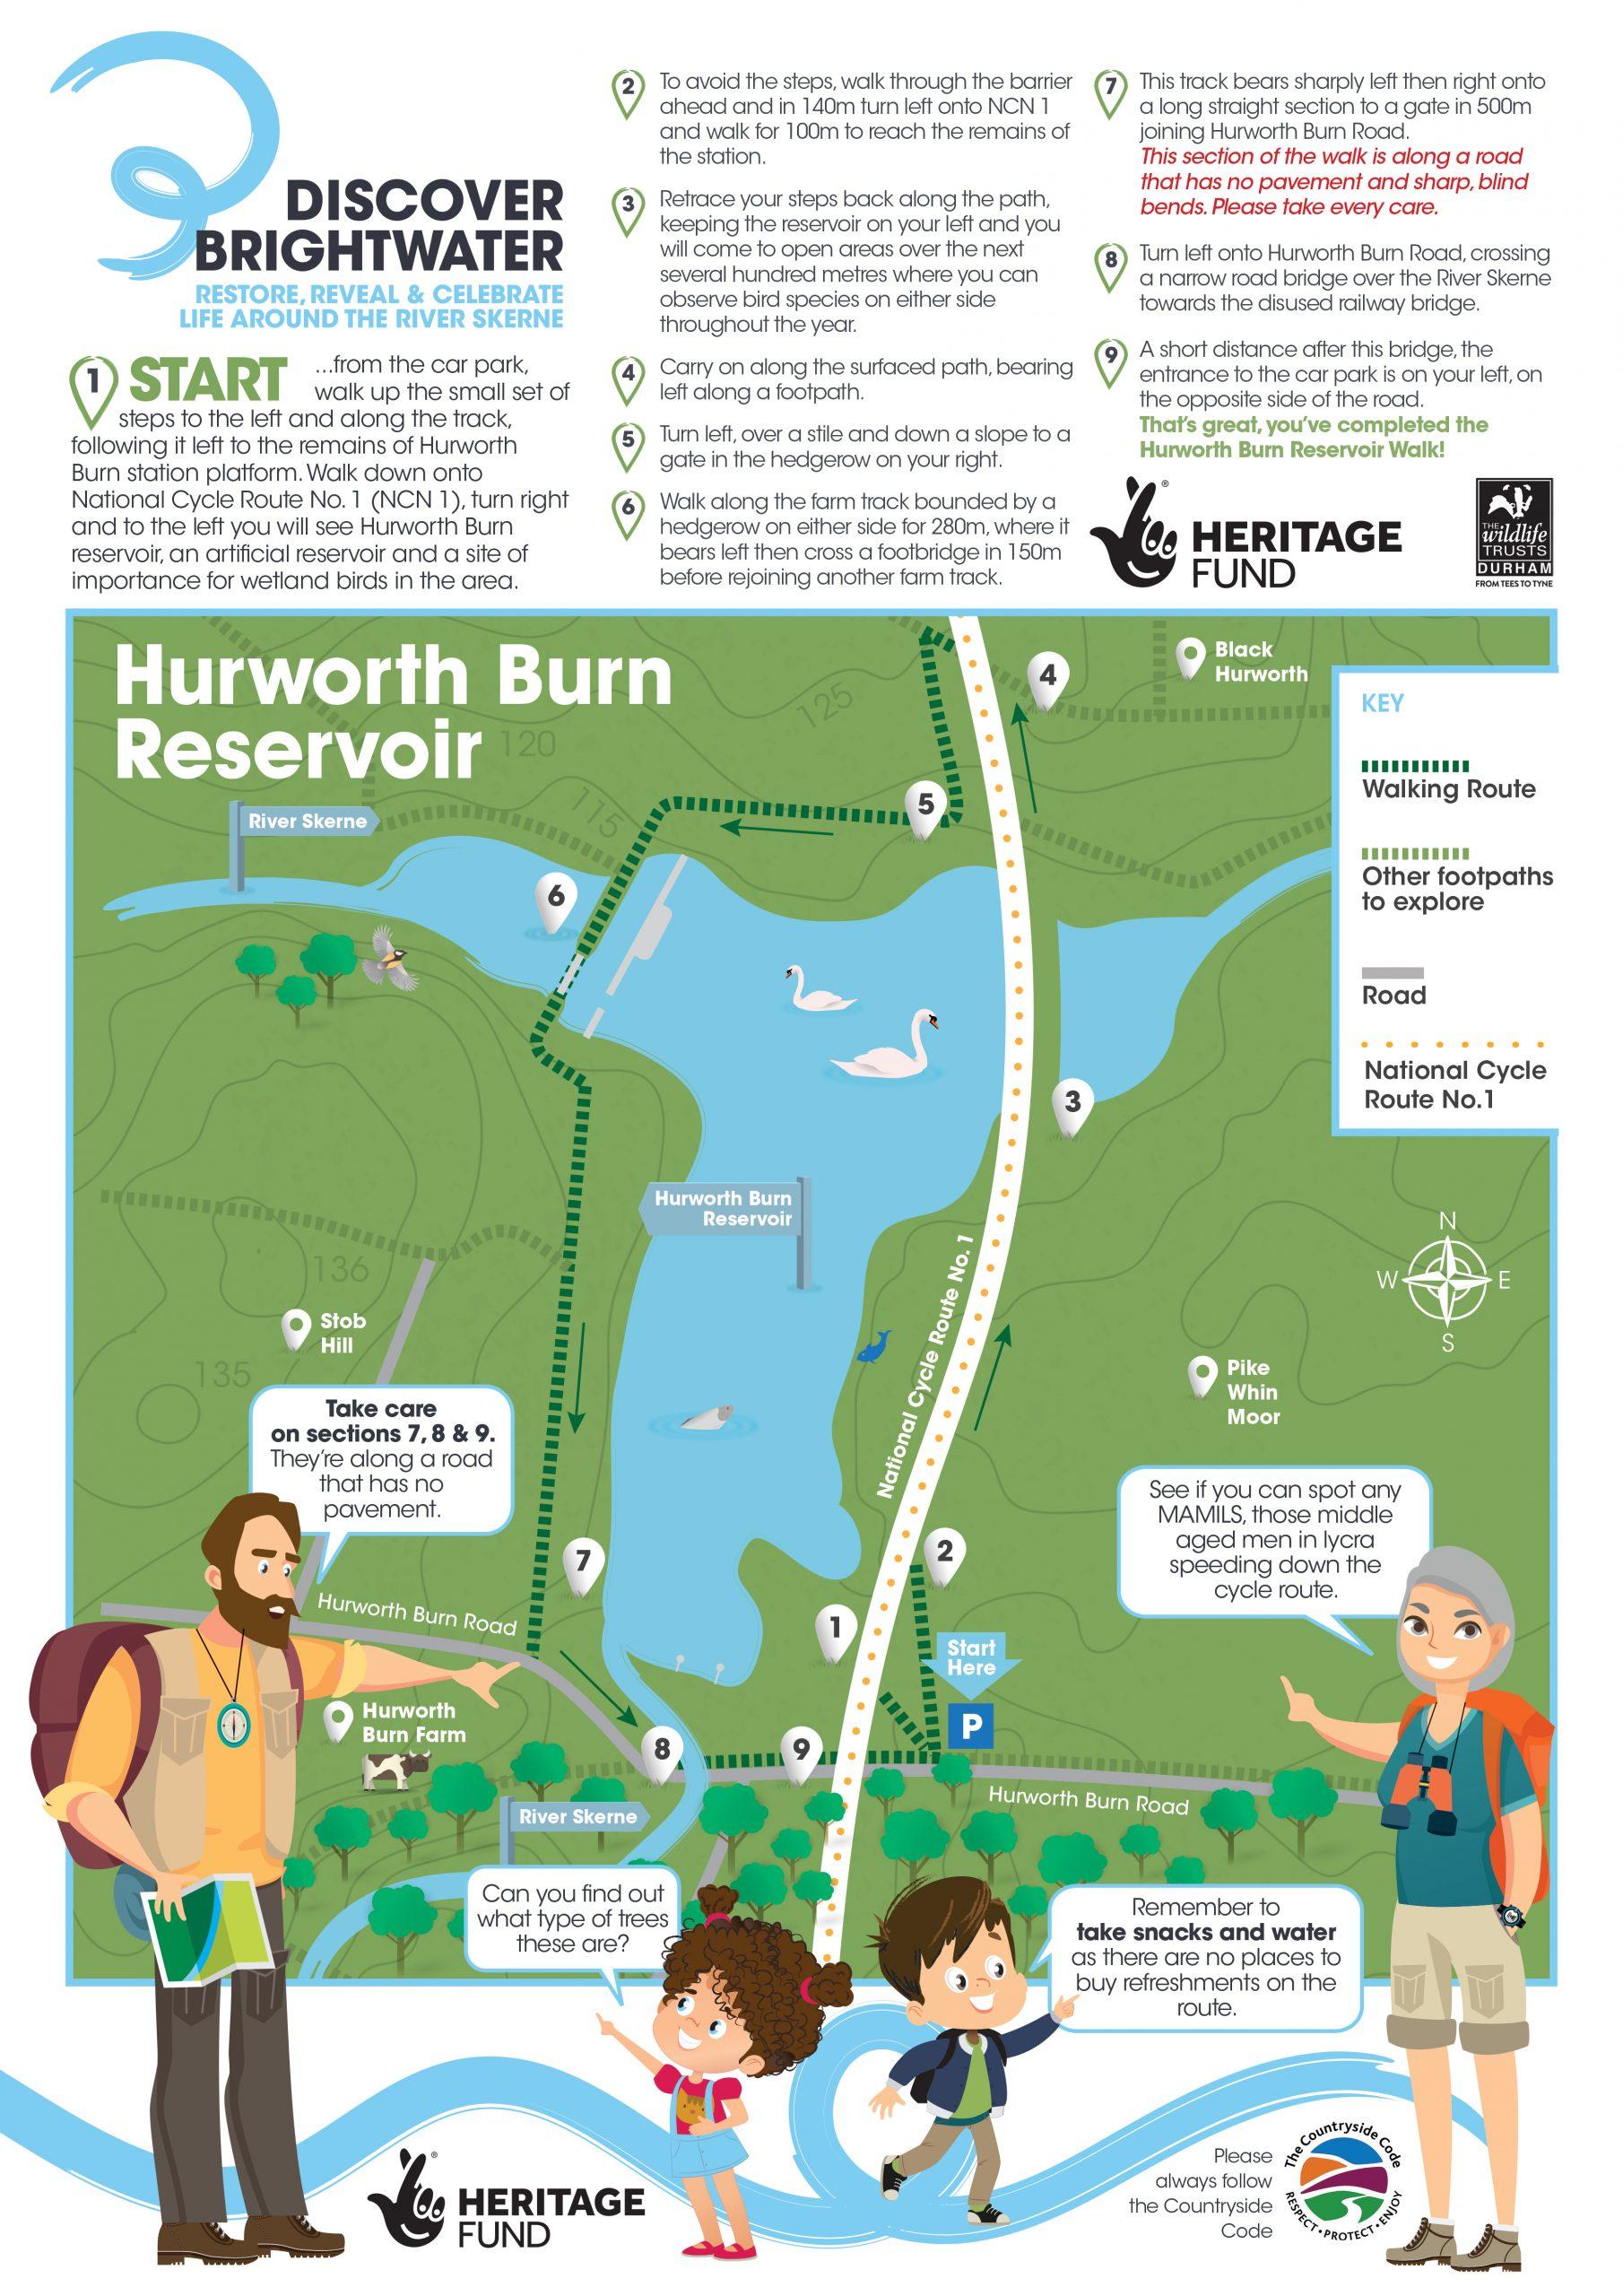 Hurworth Burn download image 1